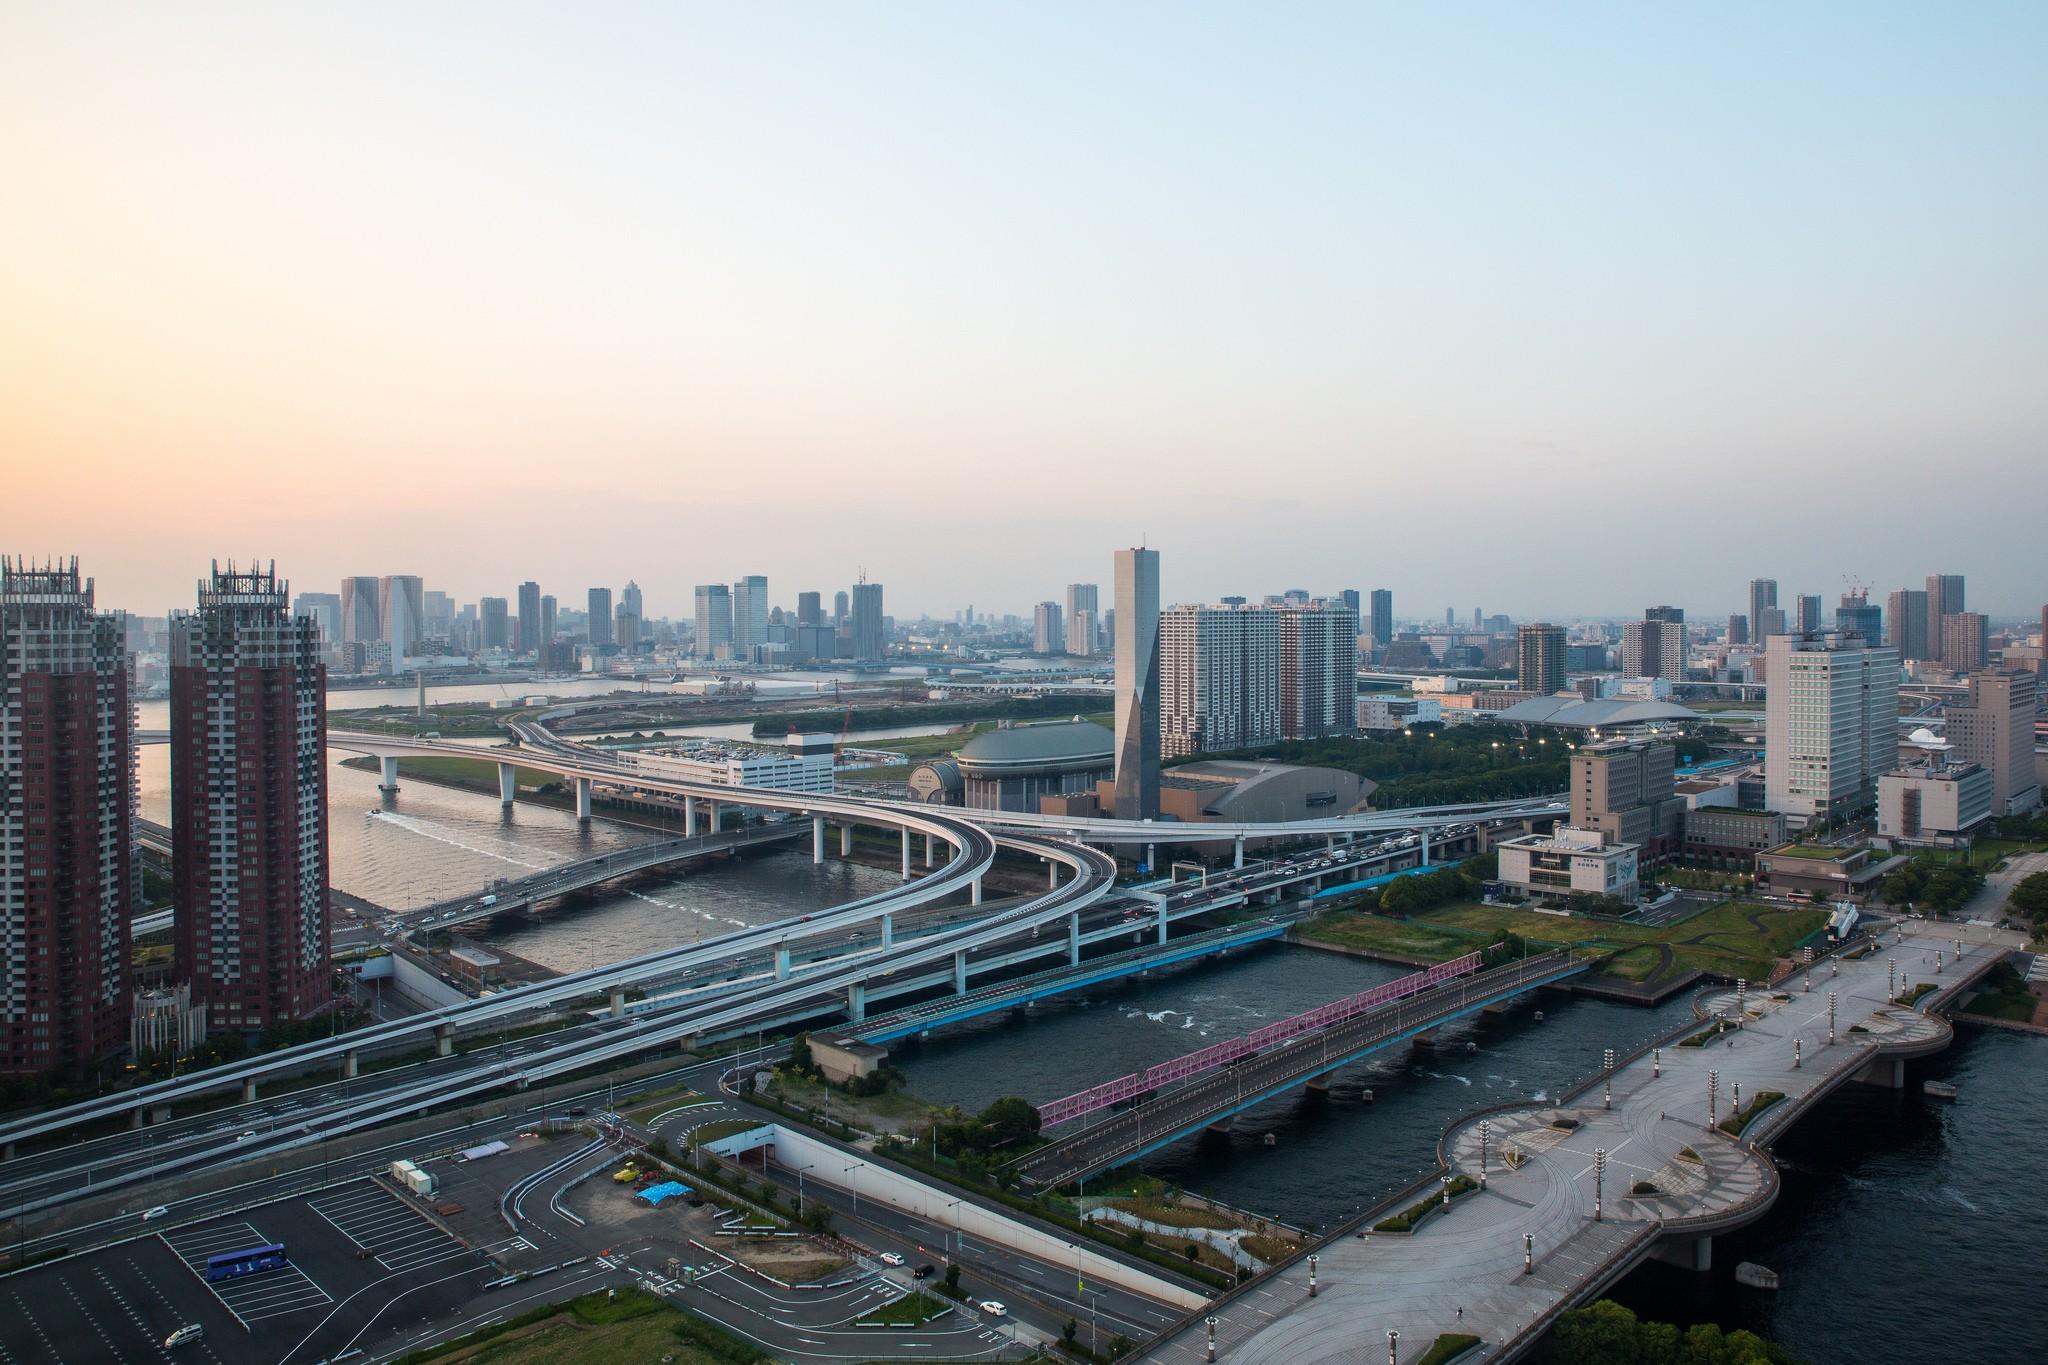 Vistas de Tokyo desde la Noria de Odaiba. De Takashi Nakajima